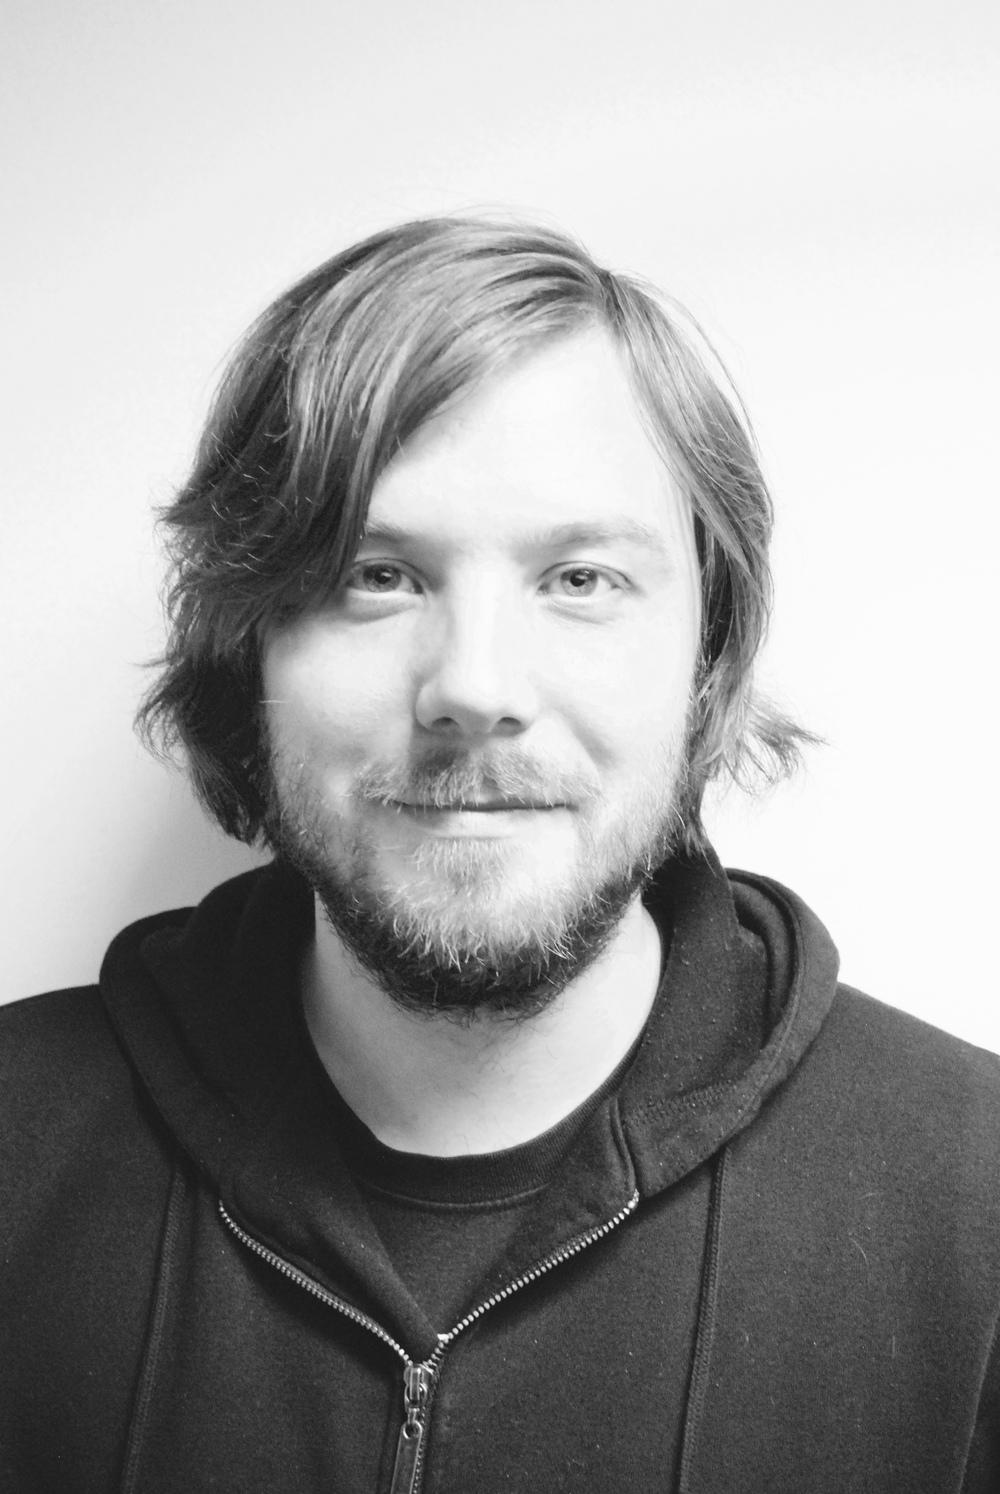 Portrettfotografi i gråtoner av   Torgeir Iversen, gitar, bass og tromme og band lærer ved Feedback Studios.